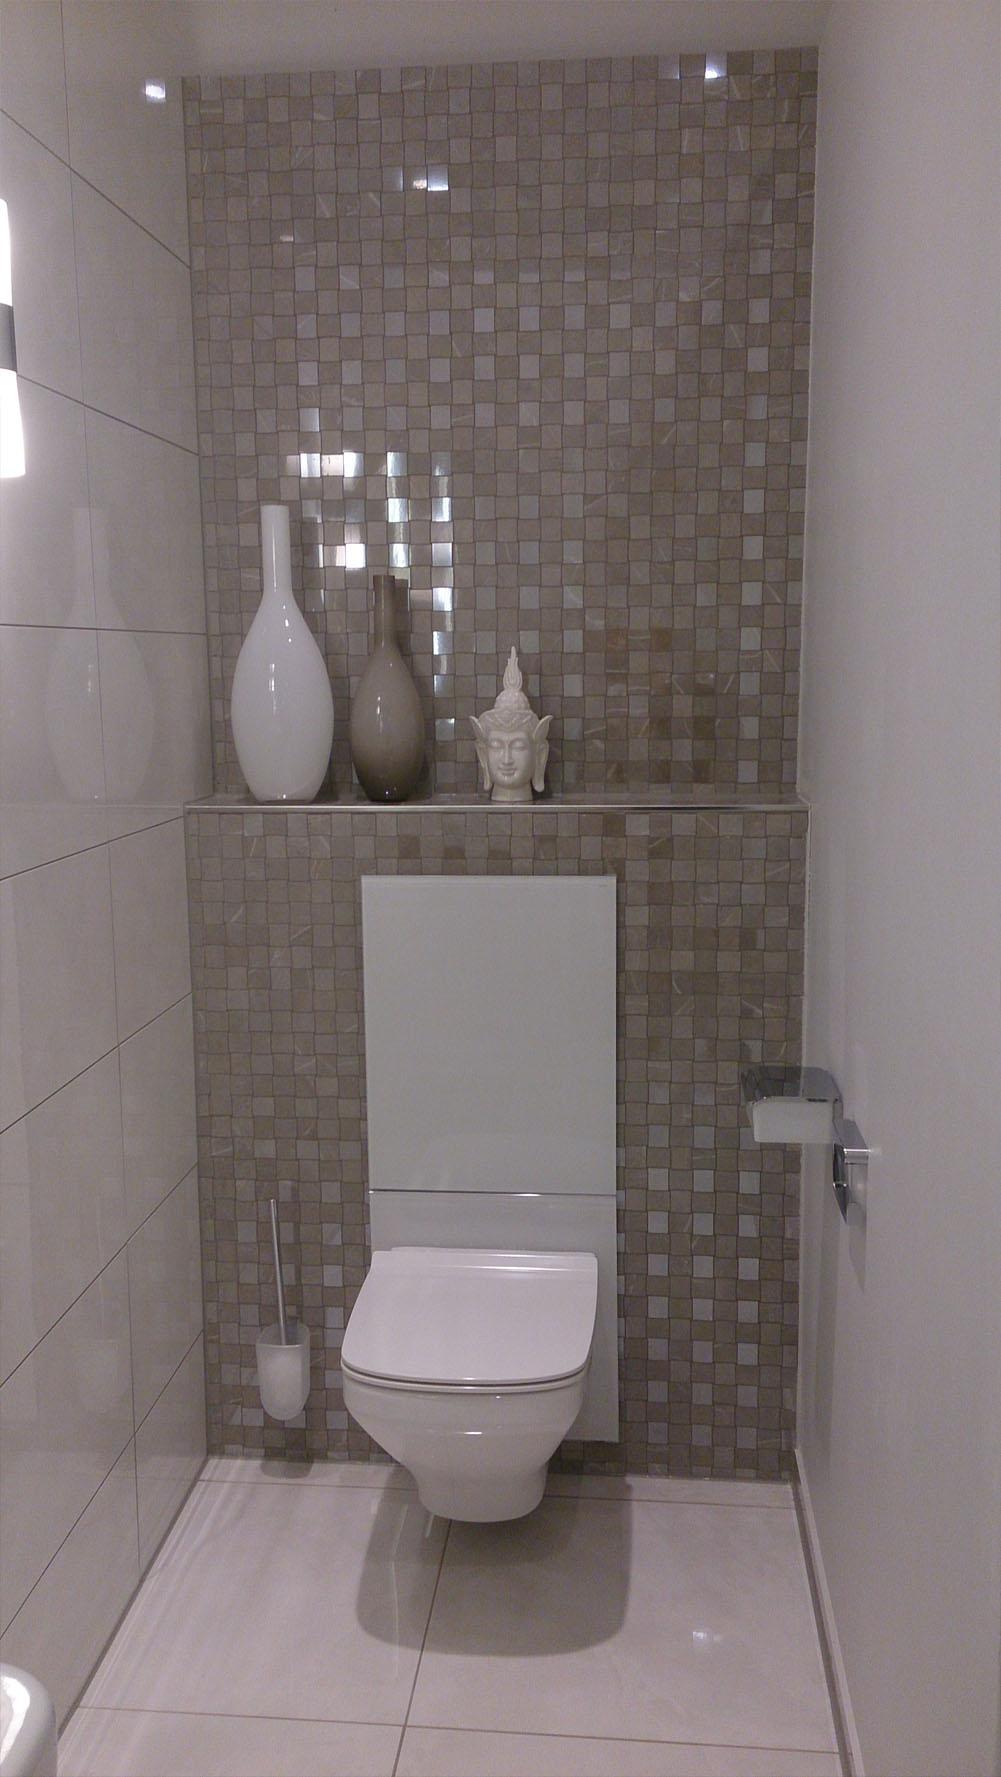 wk wolfgang k pp gmbh einrichtung von sanit ranlagen wachenheim an der weinstra e. Black Bedroom Furniture Sets. Home Design Ideas